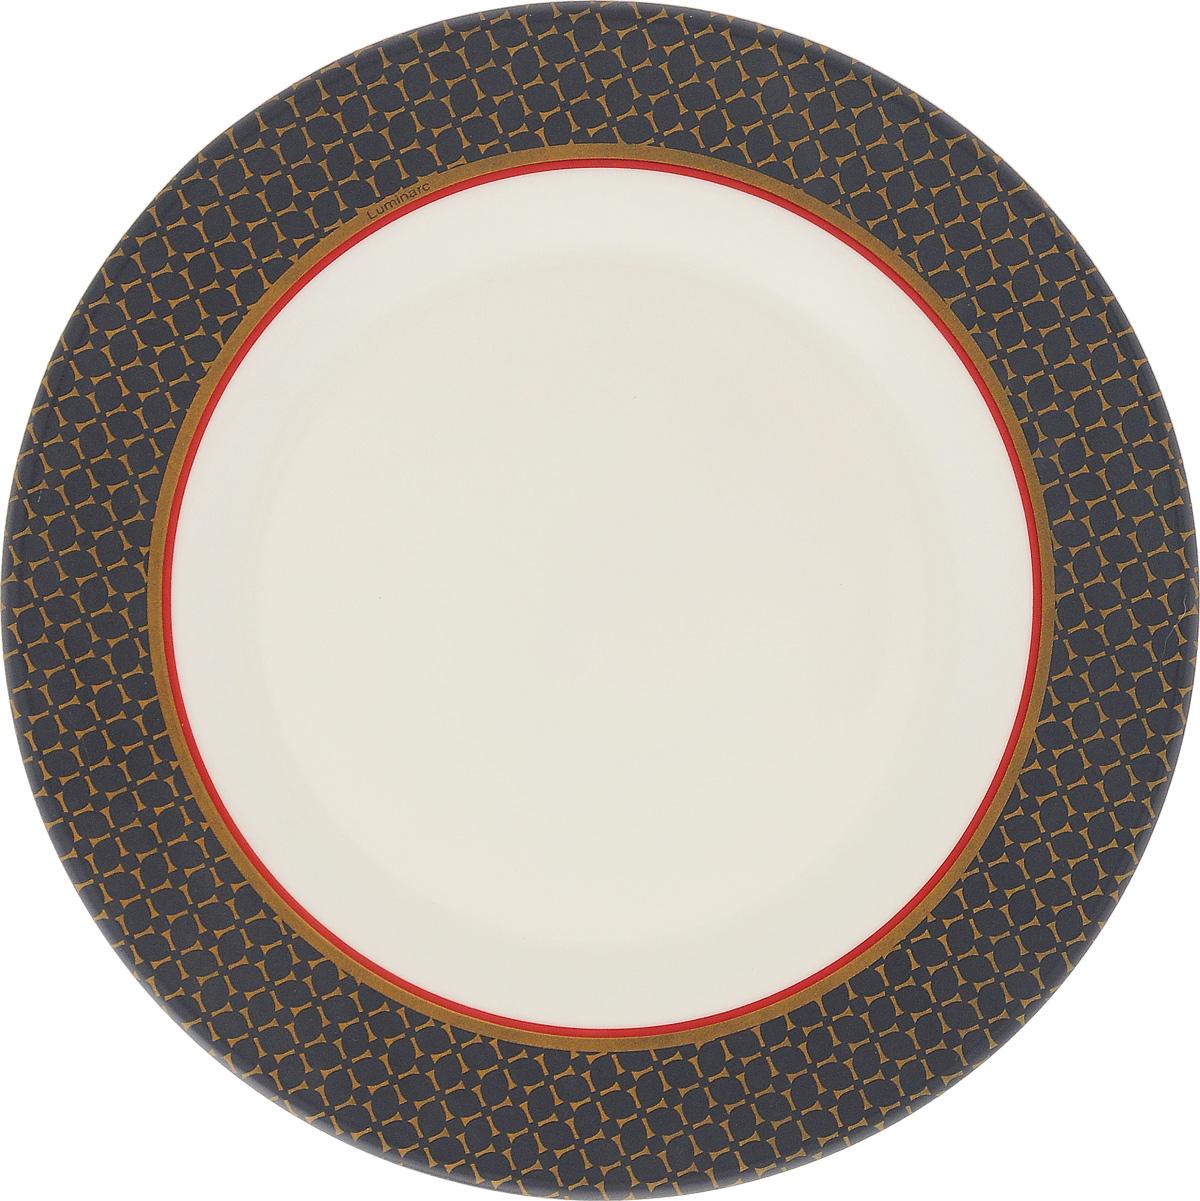 Тарелка десертная Luminarc Alto Saphir, 20,5 см54 009312Десертная тарелка Luminarc Alto Saphir, изготовленная из ударопрочного стекла, имеет изысканный внешний вид. Такая тарелка прекрасно подходит как для торжественных случаев, так и для повседневного использования. Идеальна для подачи десертов, пирожных, тортов и многого другого. Она прекрасно оформит стол и станет отличным дополнением к вашей коллекции кухонной посуды. Диаметр тарелки (по верхнему краю): 20,5 см.